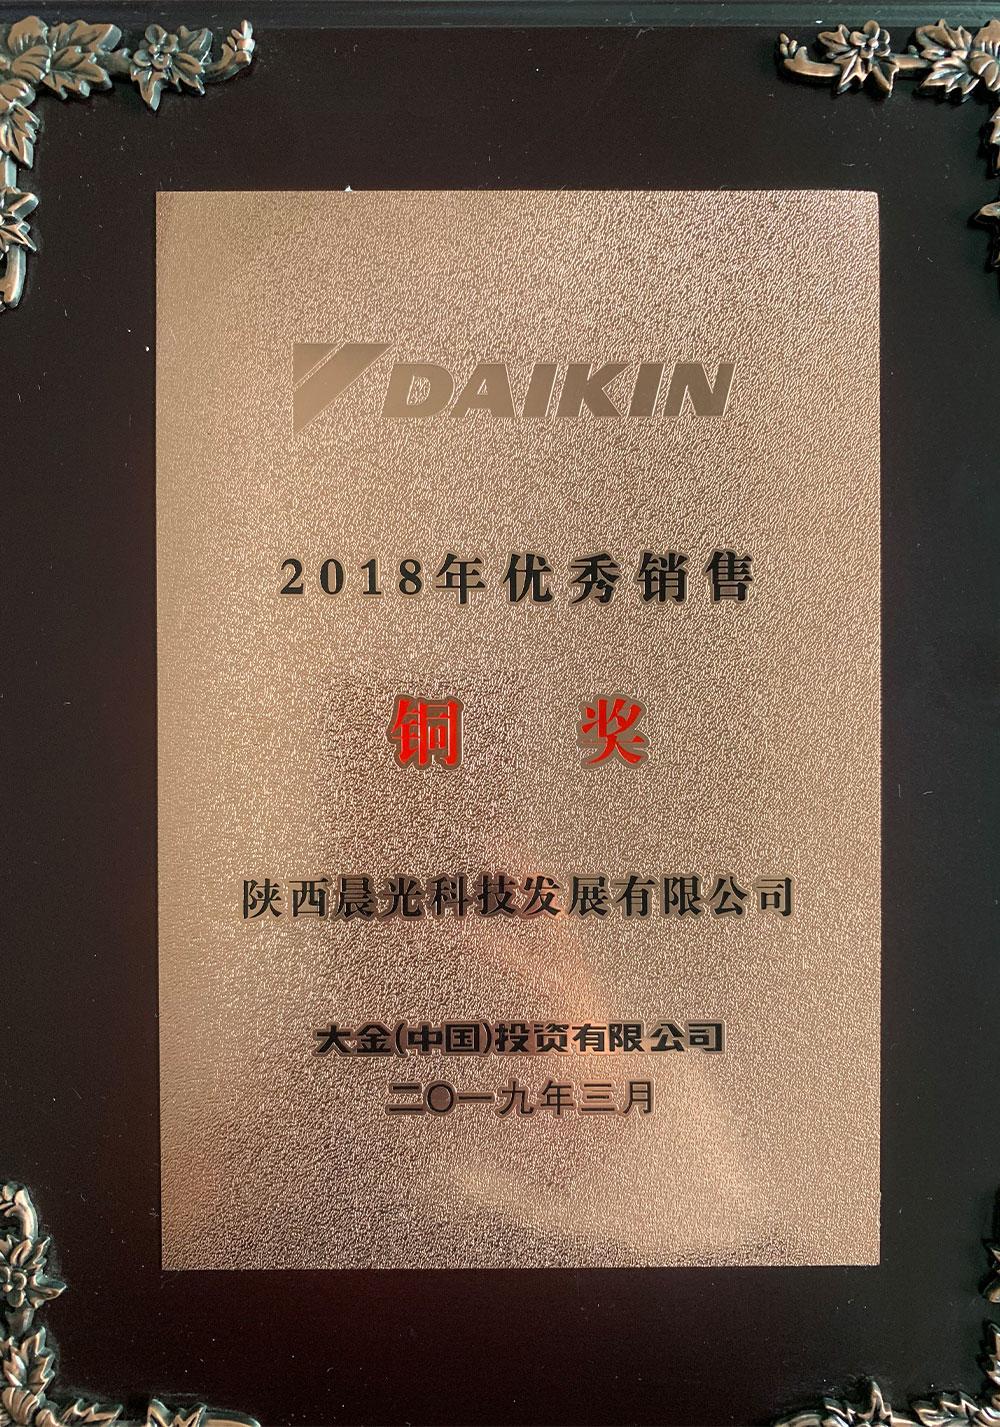 Daikin Bronze Award